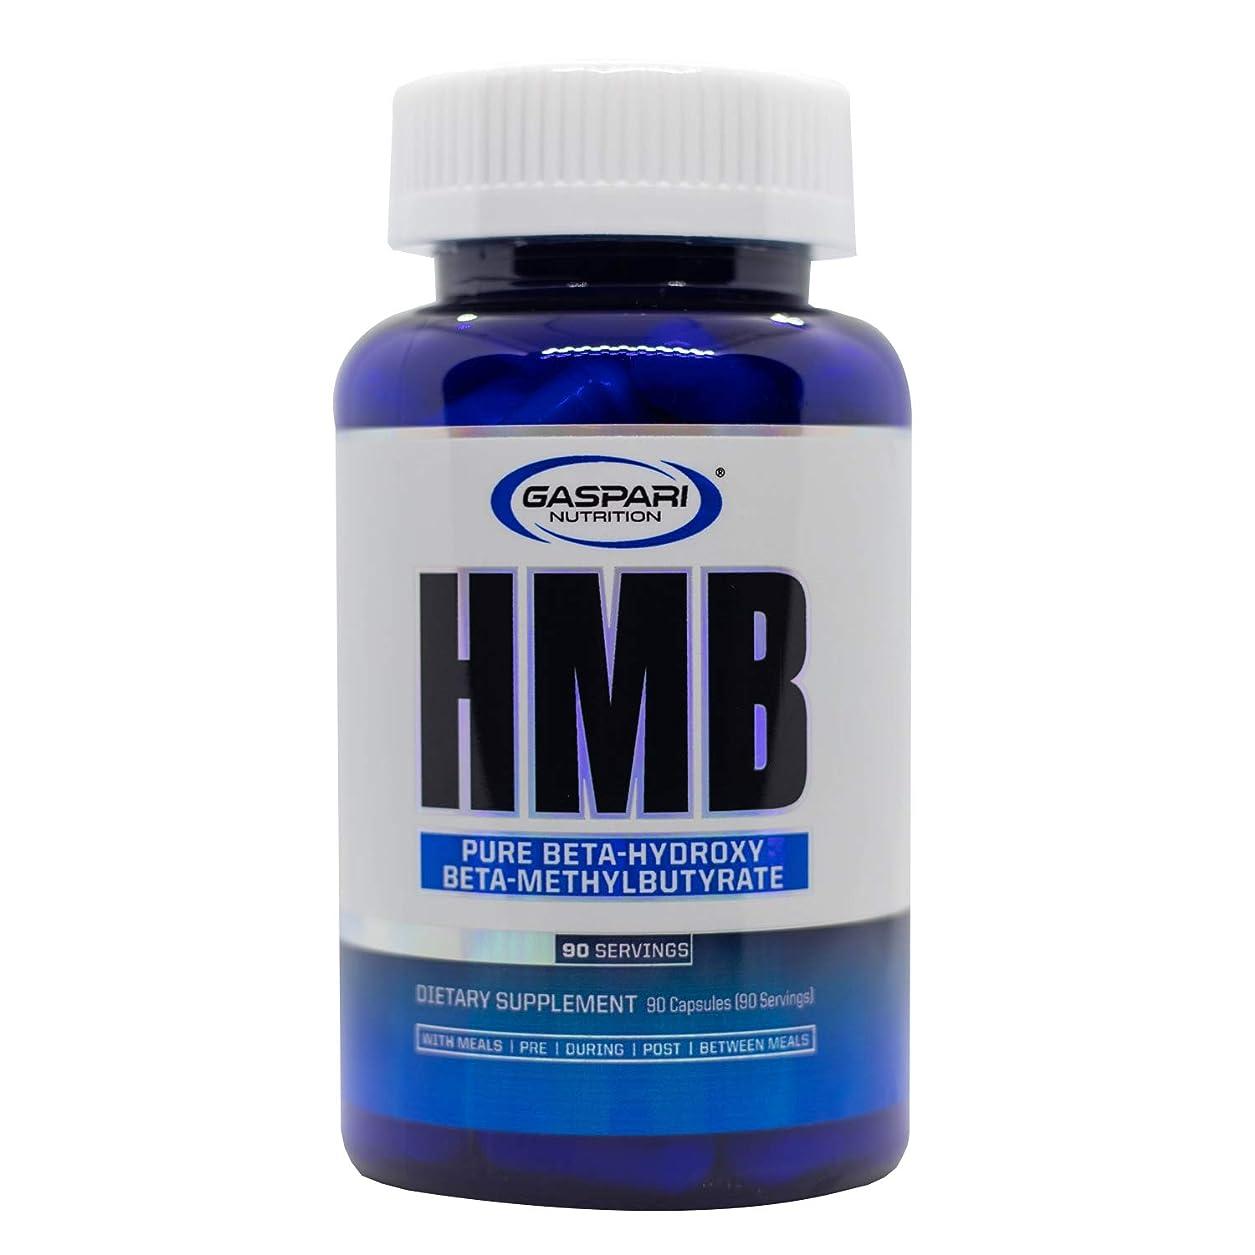 寄託立ち向かう異邦人ガスパリ HMB 1000 mg 90カプセル - Gaspari HMB 1000mg 90caps